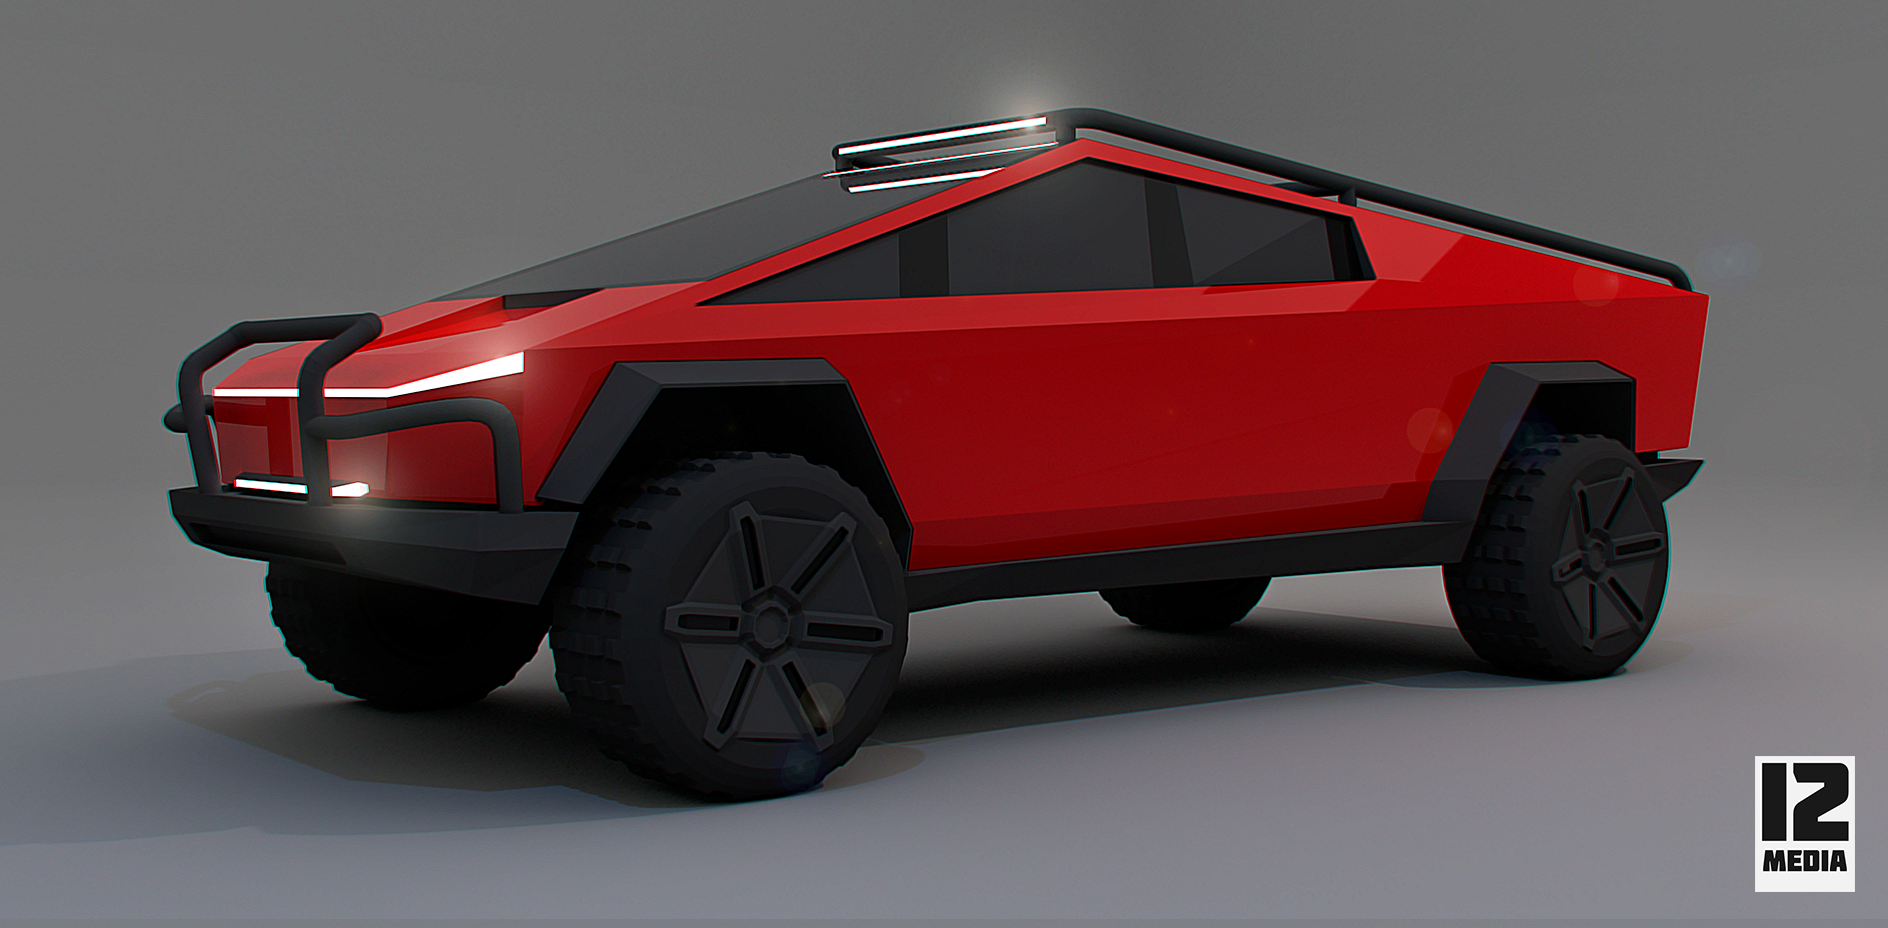 Modded Cybertruck Tesla Car Tesla Motors Futuristic Cars Design